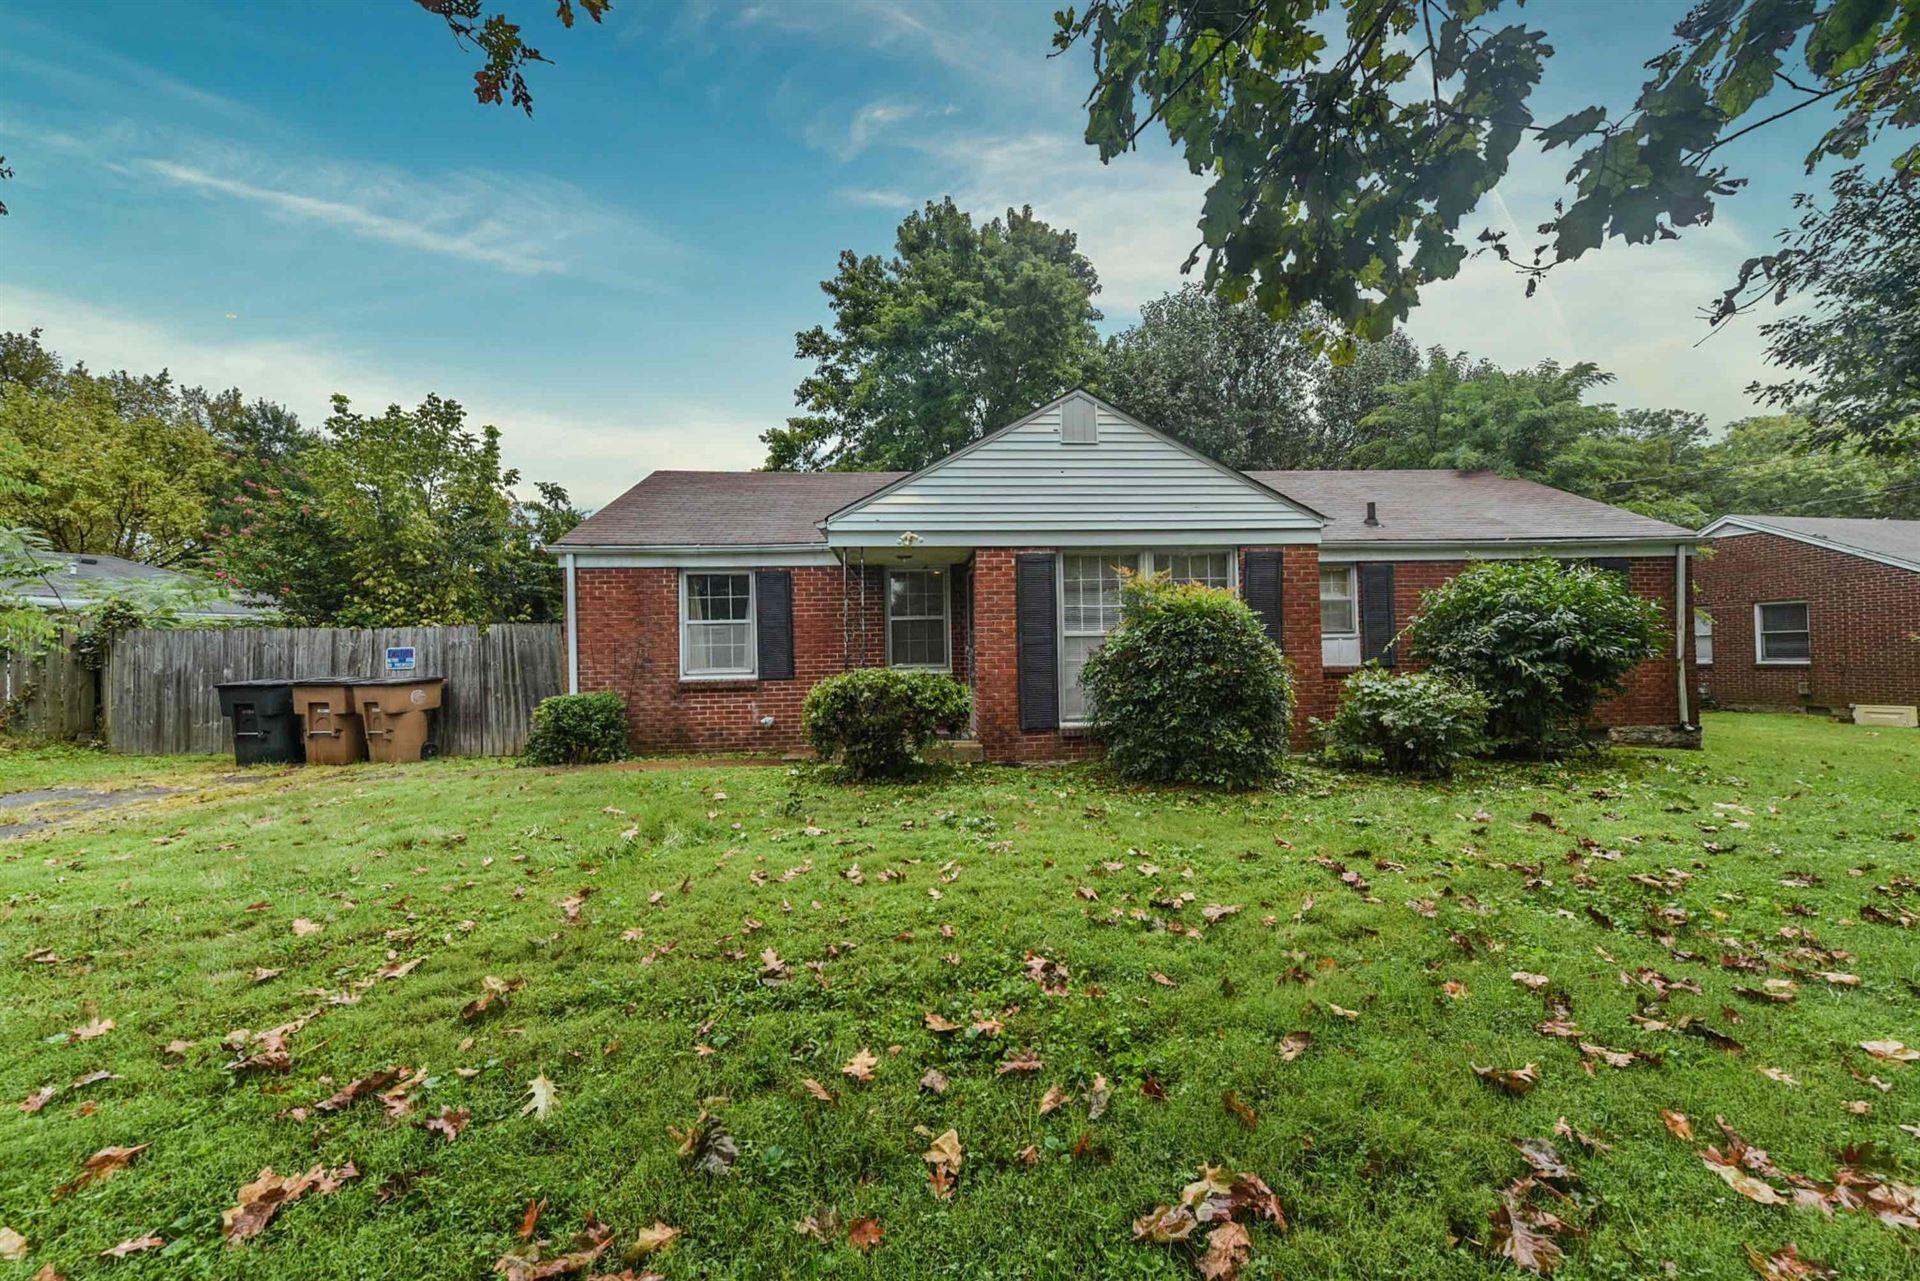 Photo of 915 Beechmont Pl, Nashville, TN 37206 (MLS # 2292272)